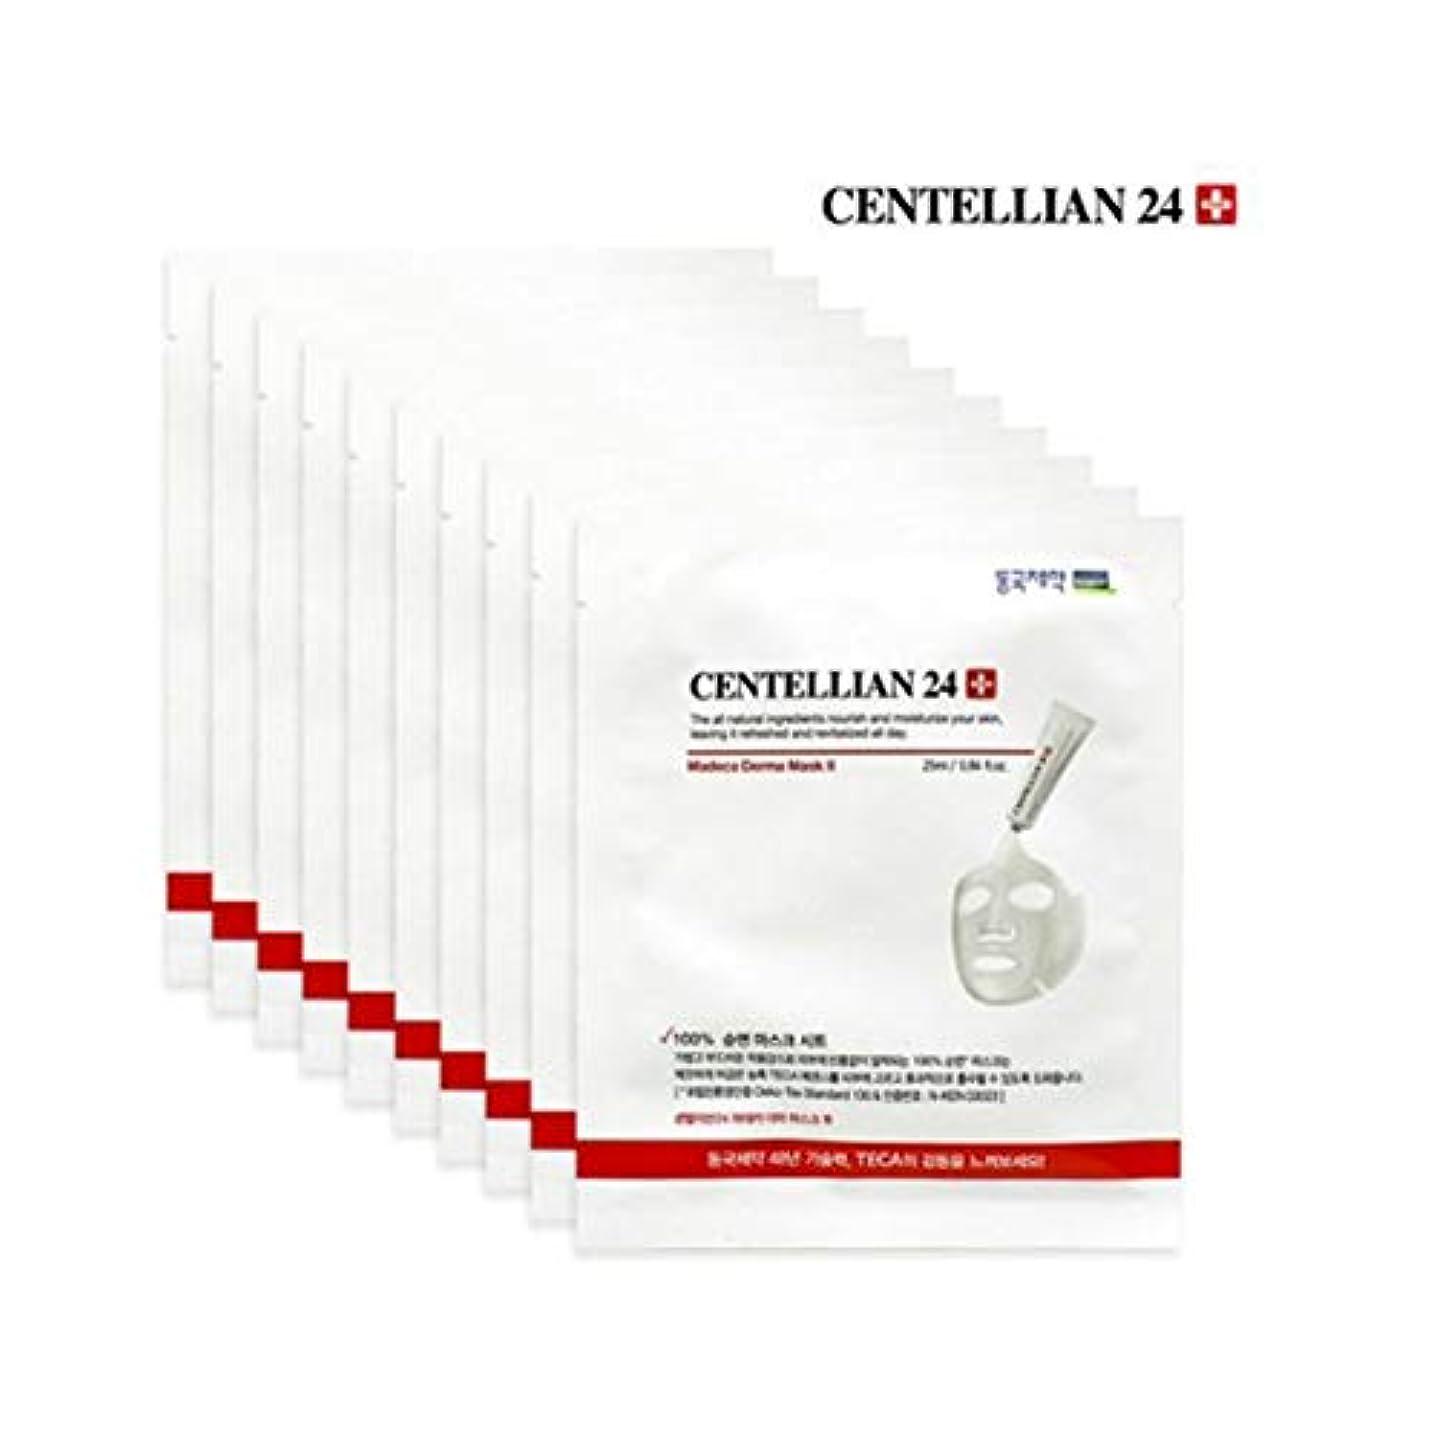 保存する年金そっとセンテルリアン24マデカードママスクパック10枚肌の保湿、Centellian24 Madeca Derma Mask Pack 10 Sheets Skin Moisturizing [並行輸入品]